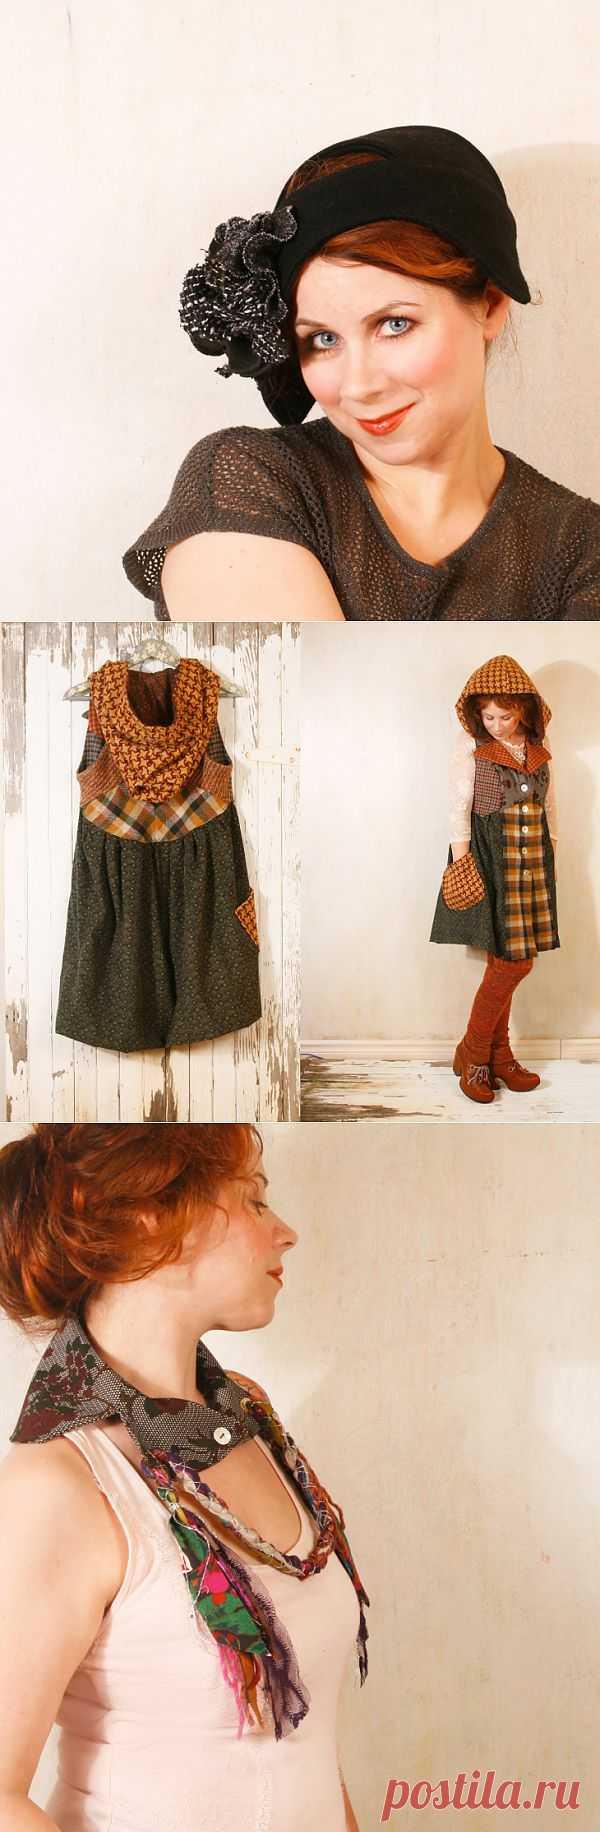 Лоскутное шитье (трафик) / Пэчворк / Модный сайт о стильной переделке одежды и интерьера